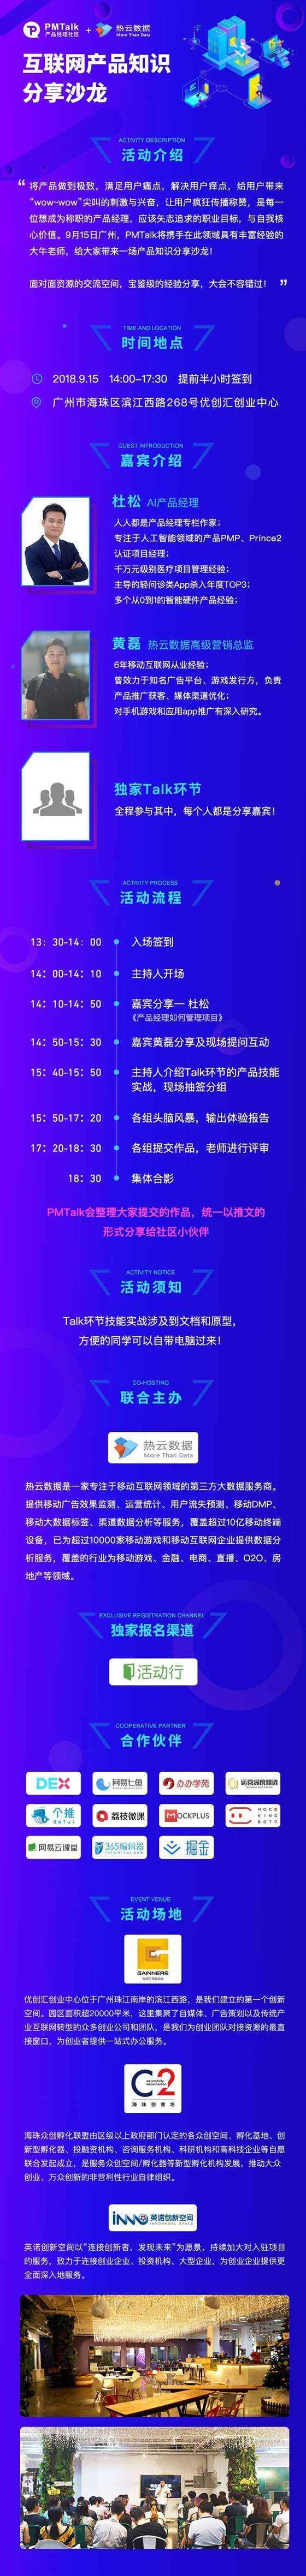 9.15广州-流程.jpg